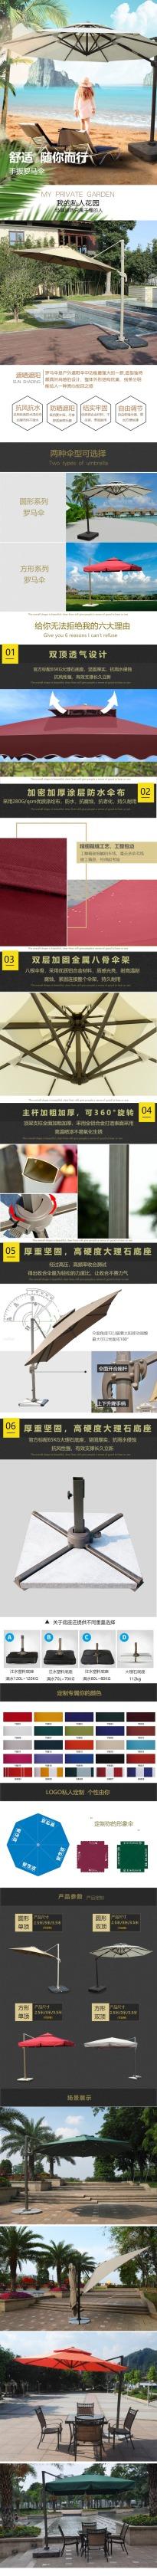 清新自然百货零售家居生活手扳罗马伞促销电商详情页